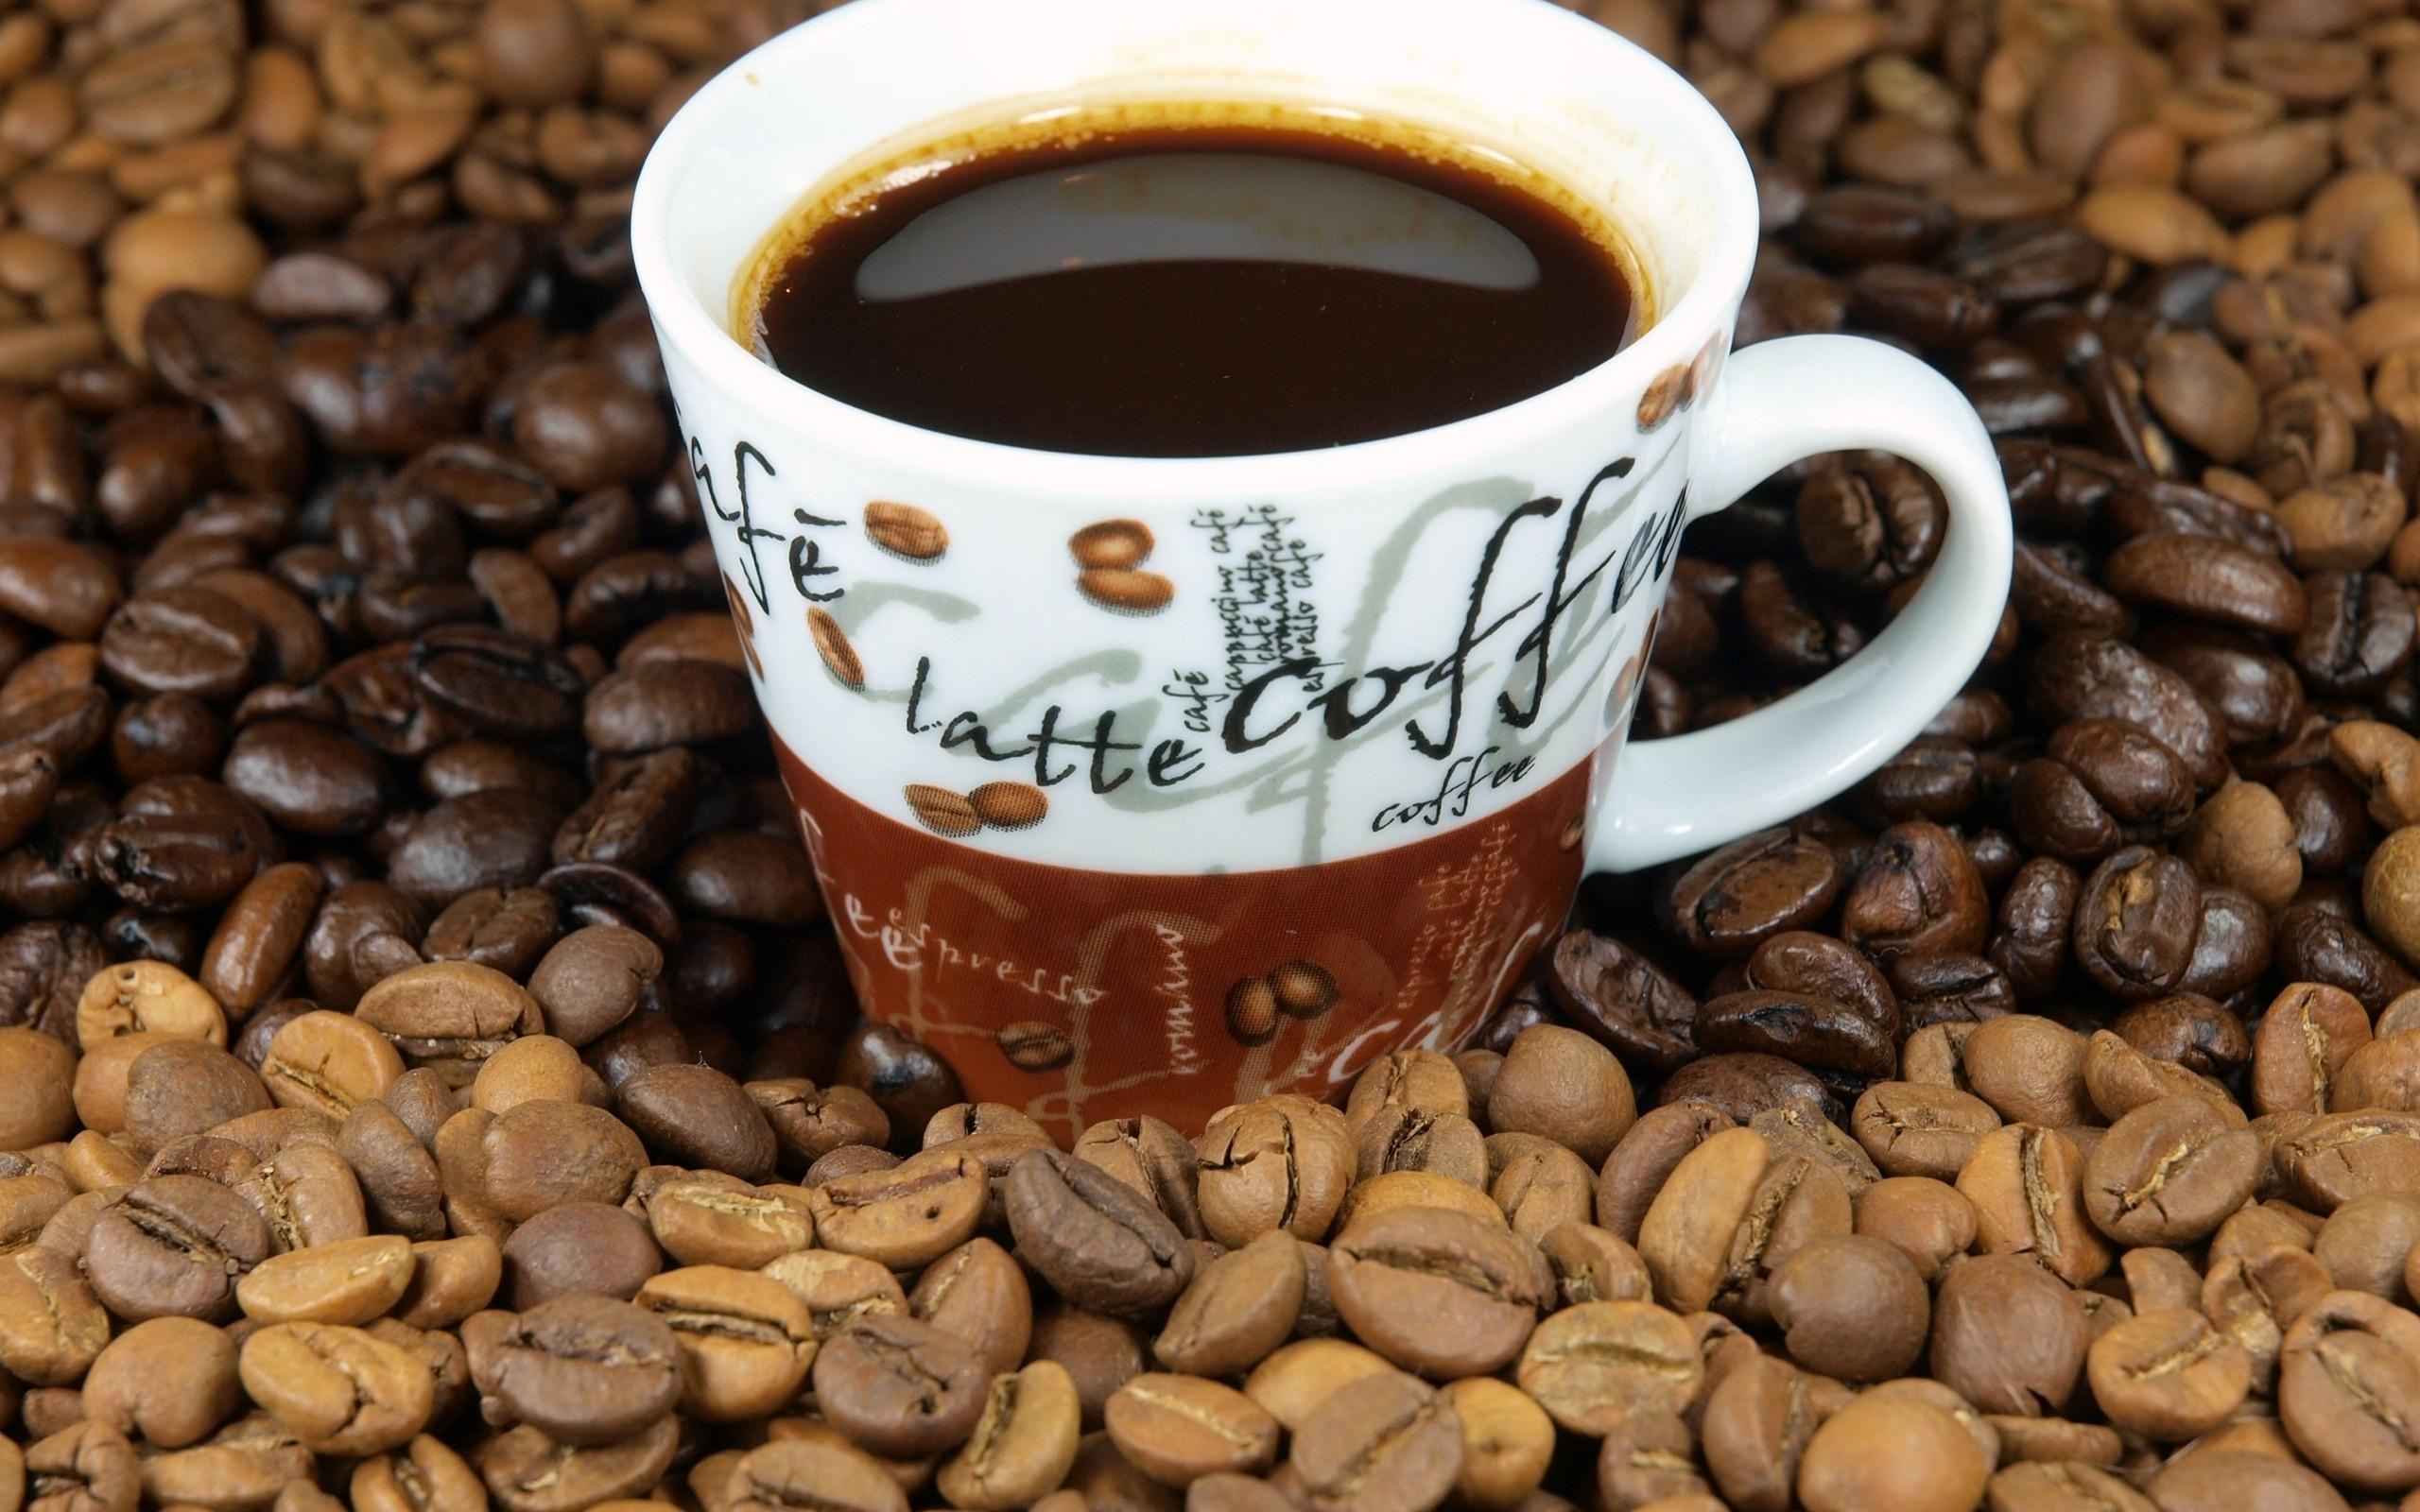 Сбор заказов. DeFlor - свежеобжаренный зерновой и молотый кофе. Органический кофе. Кофейные смеси. Выкуп 2